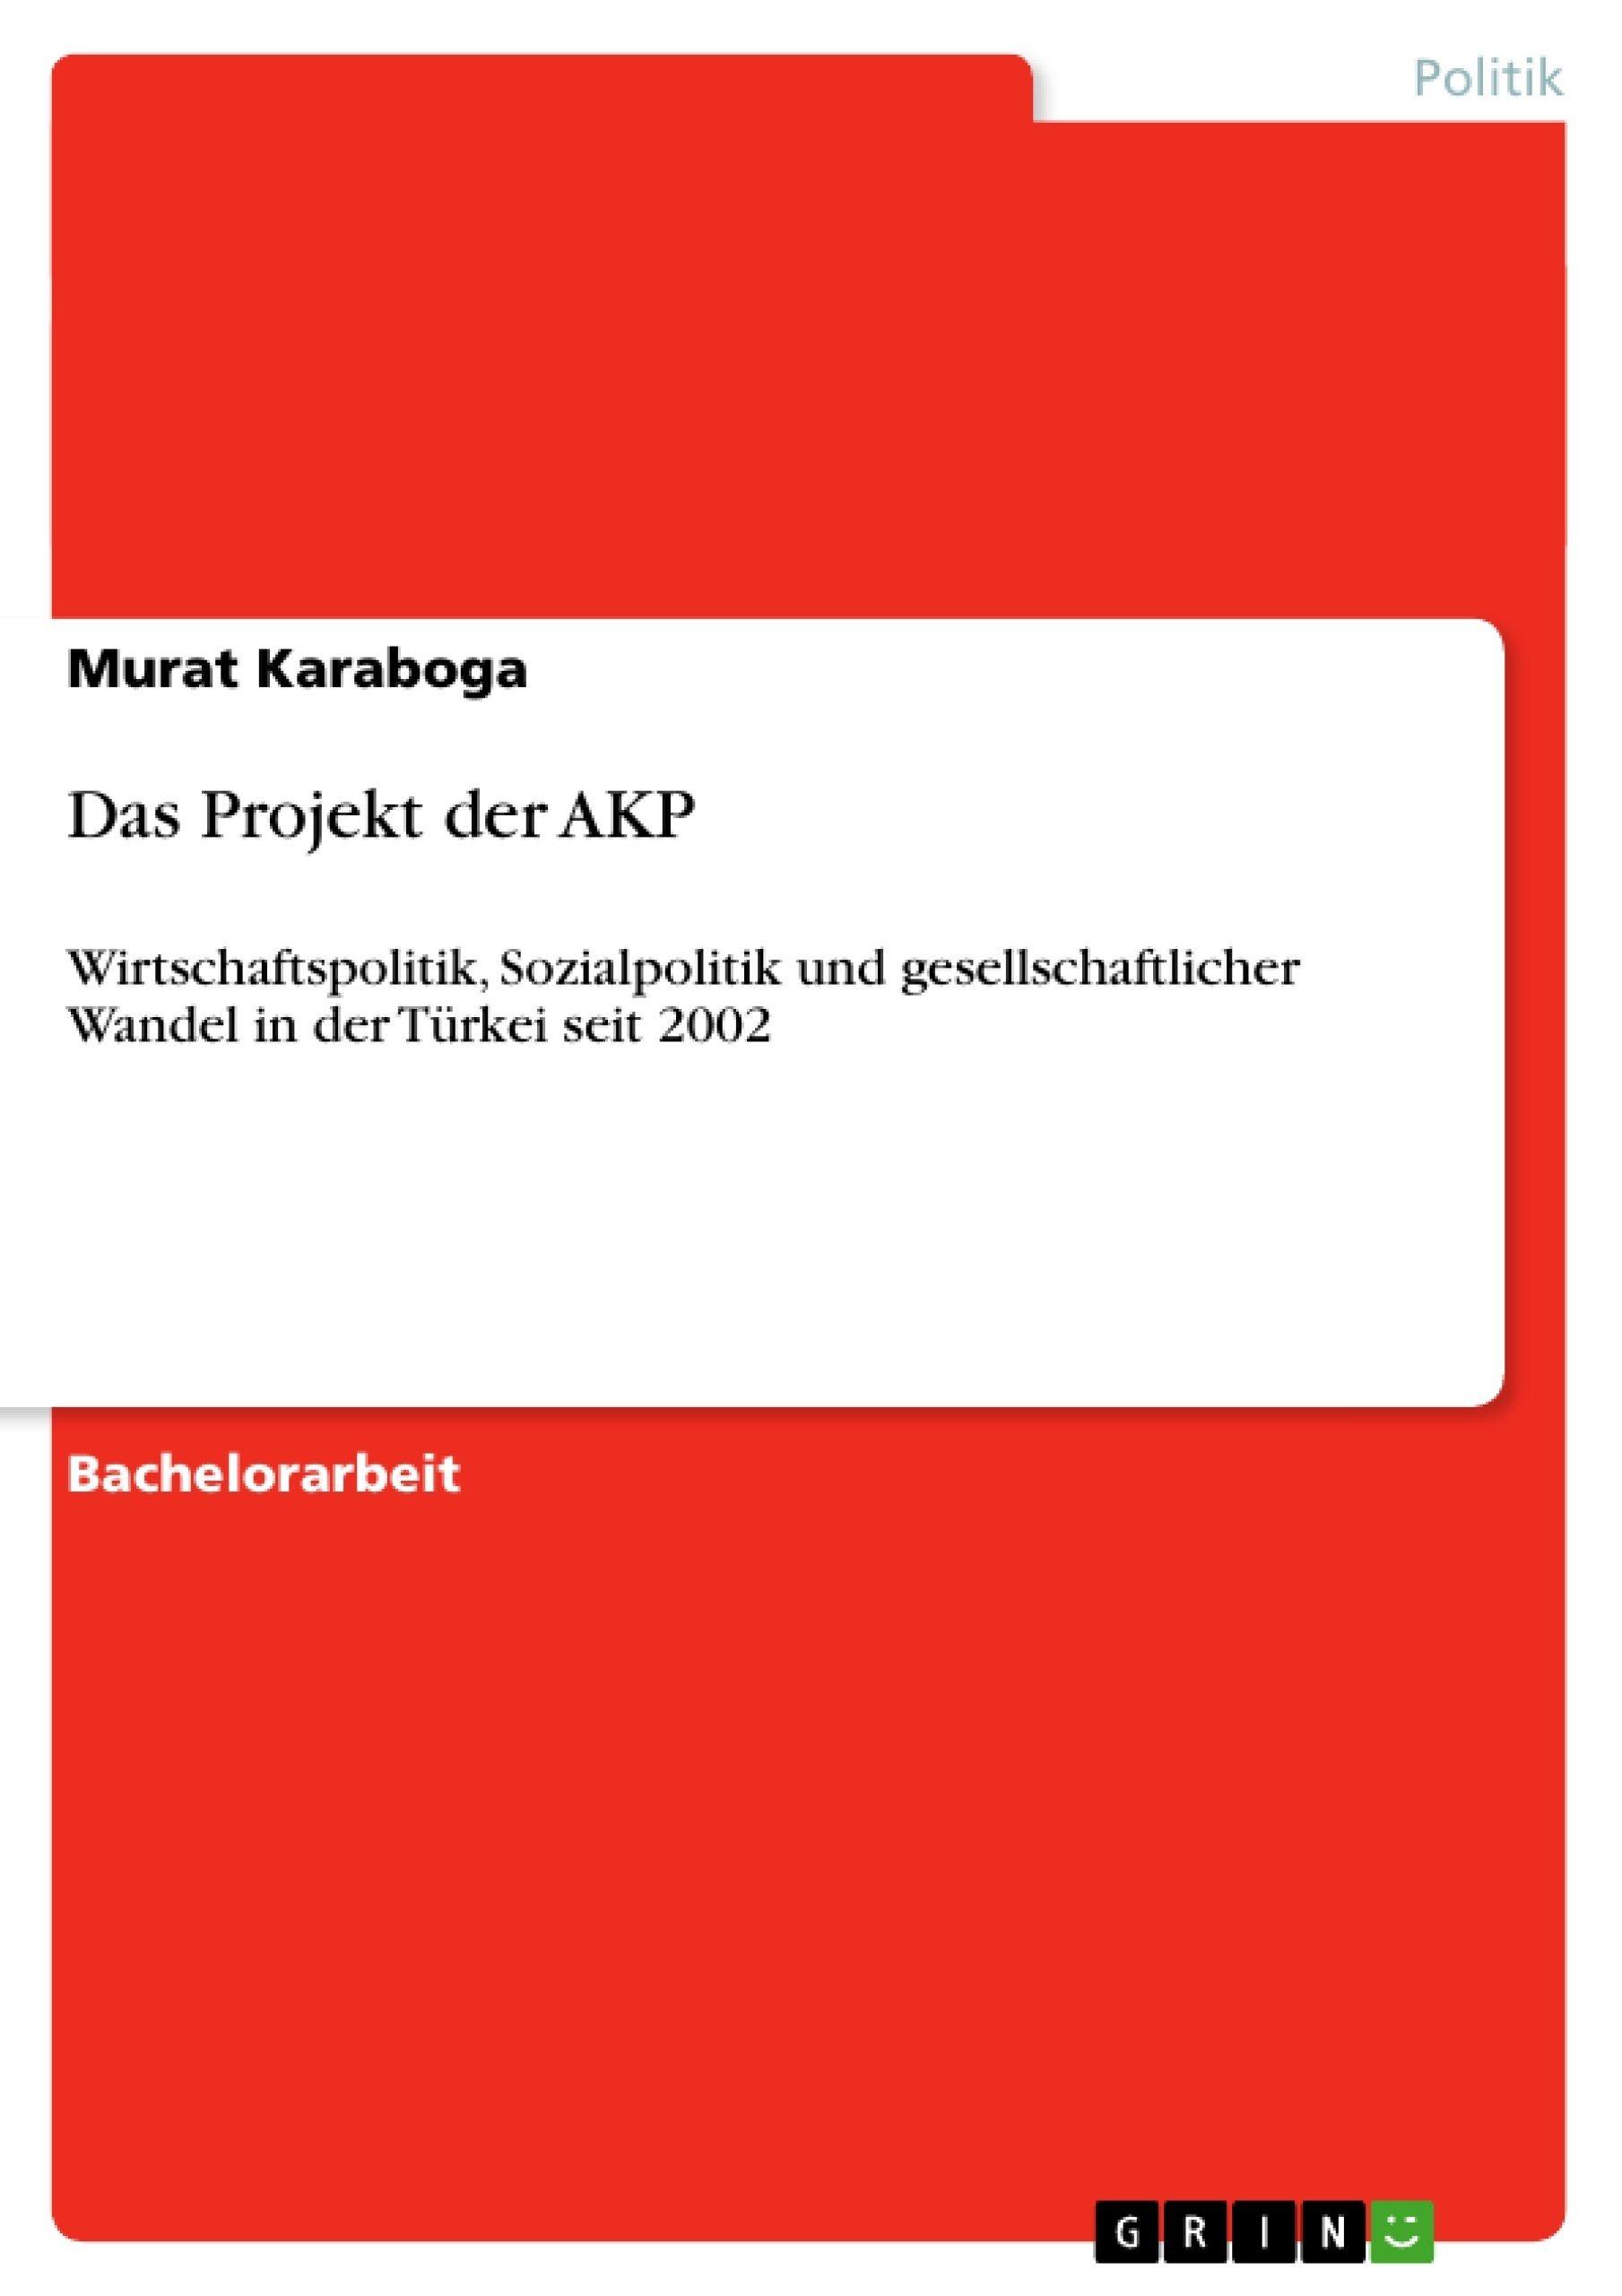 Titel: Das Projekt der AKP